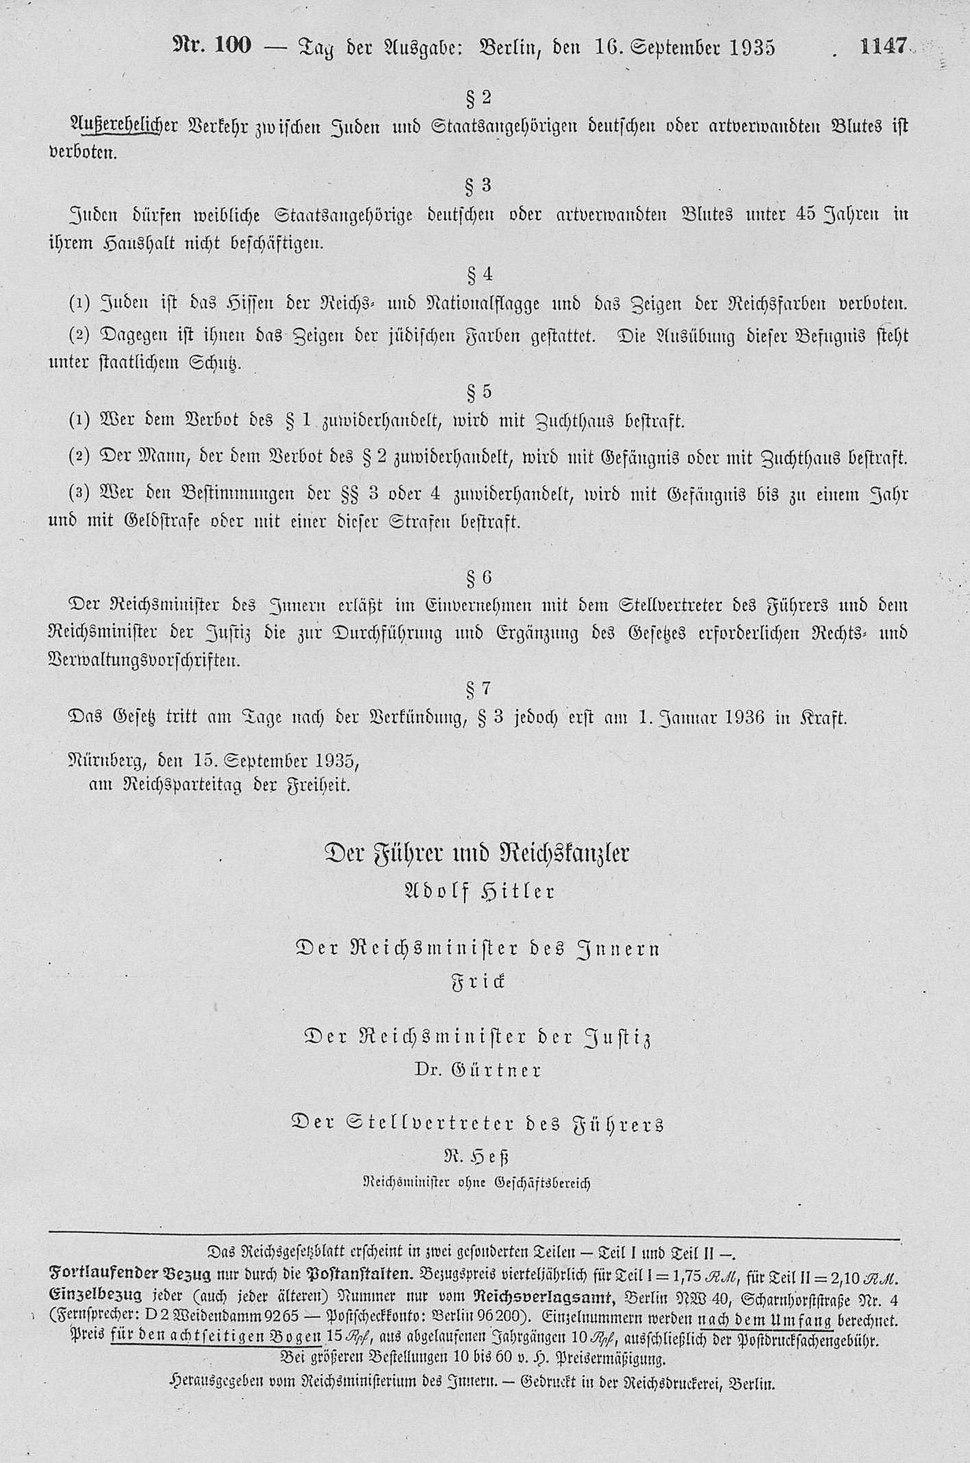 Blutschutzgesetz v.15.9.1935 - RGBl I 1147